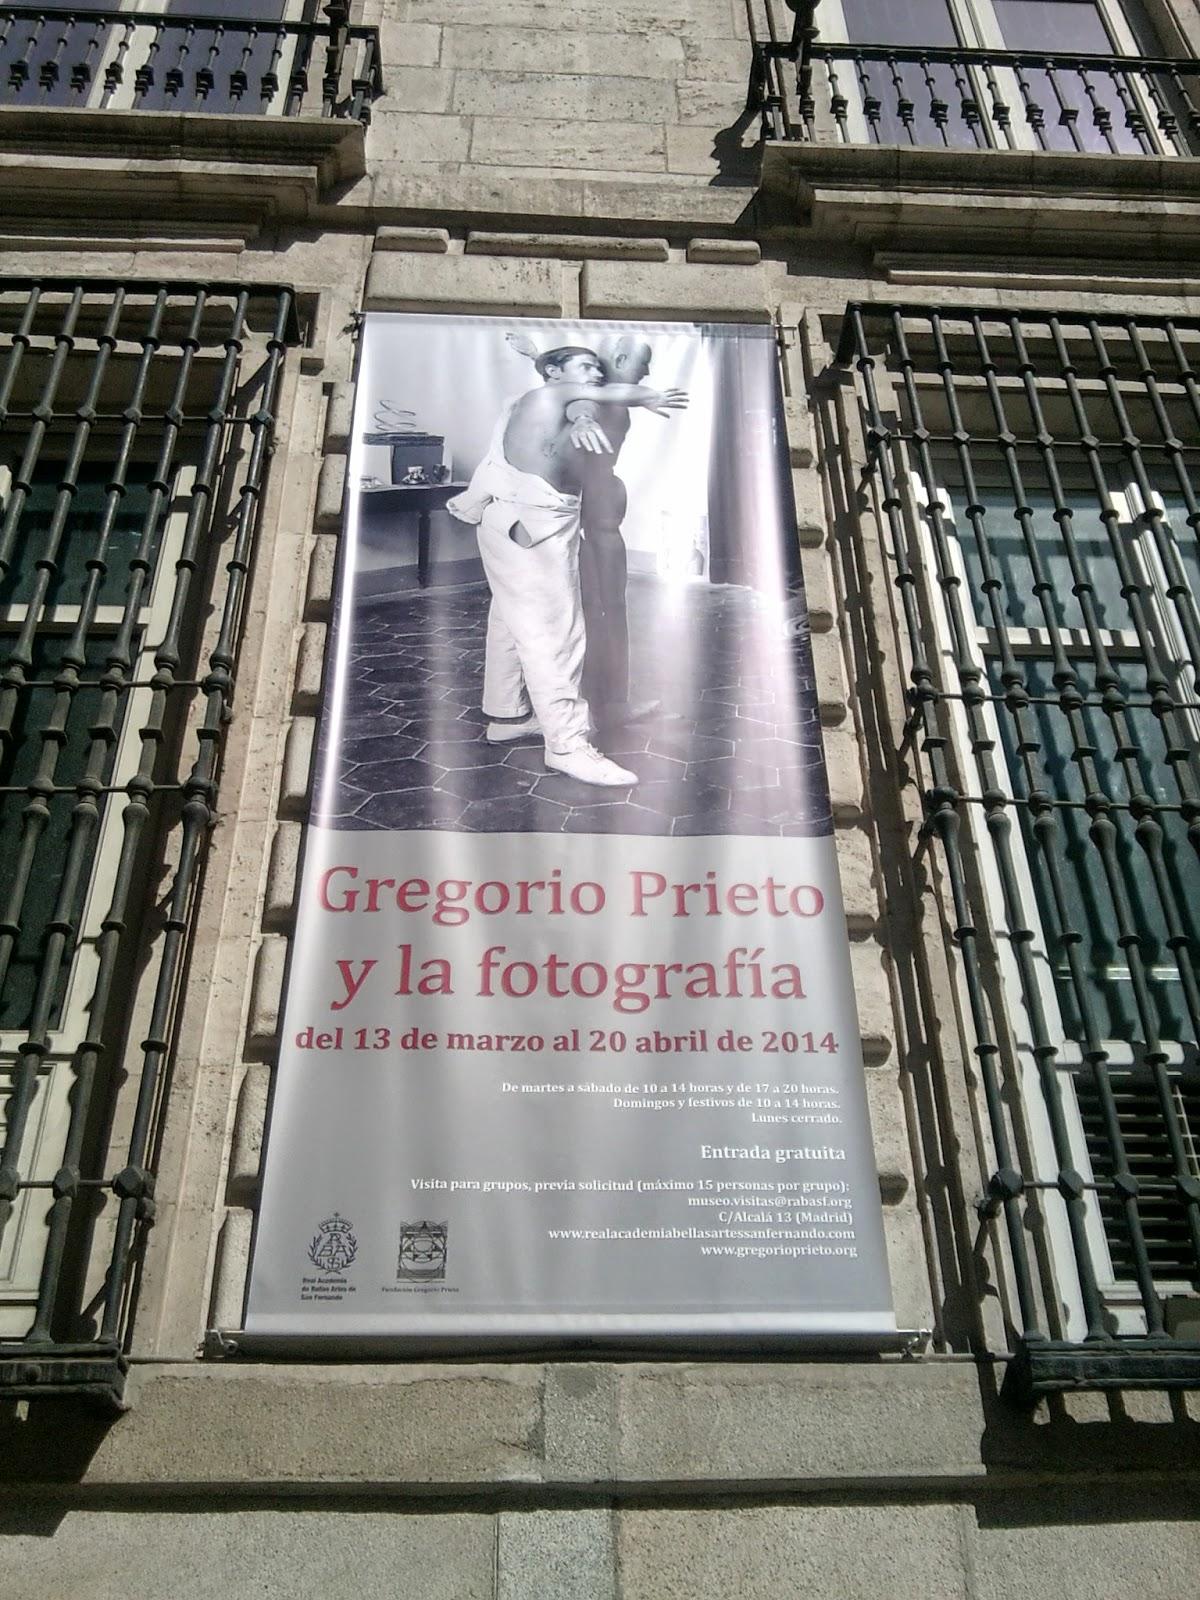 Gregorio Prieto, Real Academia de Bellas Artes de San Fernando, Exposiciones, Temporales, Madrid, Blog de Arte, VOA GALLERY, Yvonne Brochard, Fotografía, Collage, Postismo,